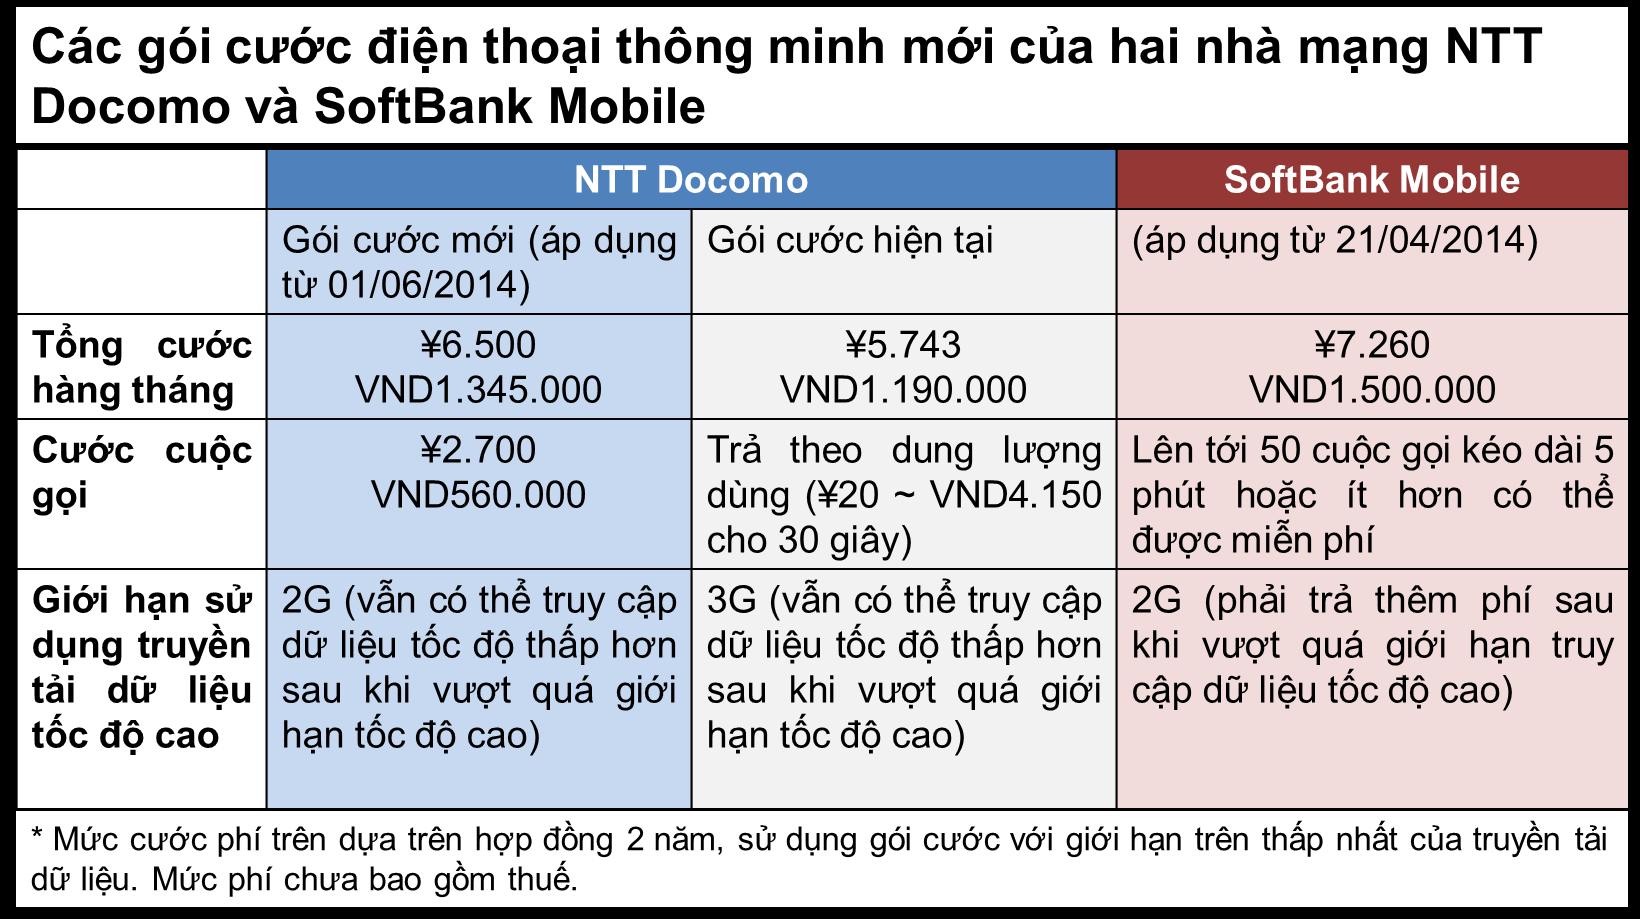 d--ng---i---n-tho---i-----Nh---t.png4_